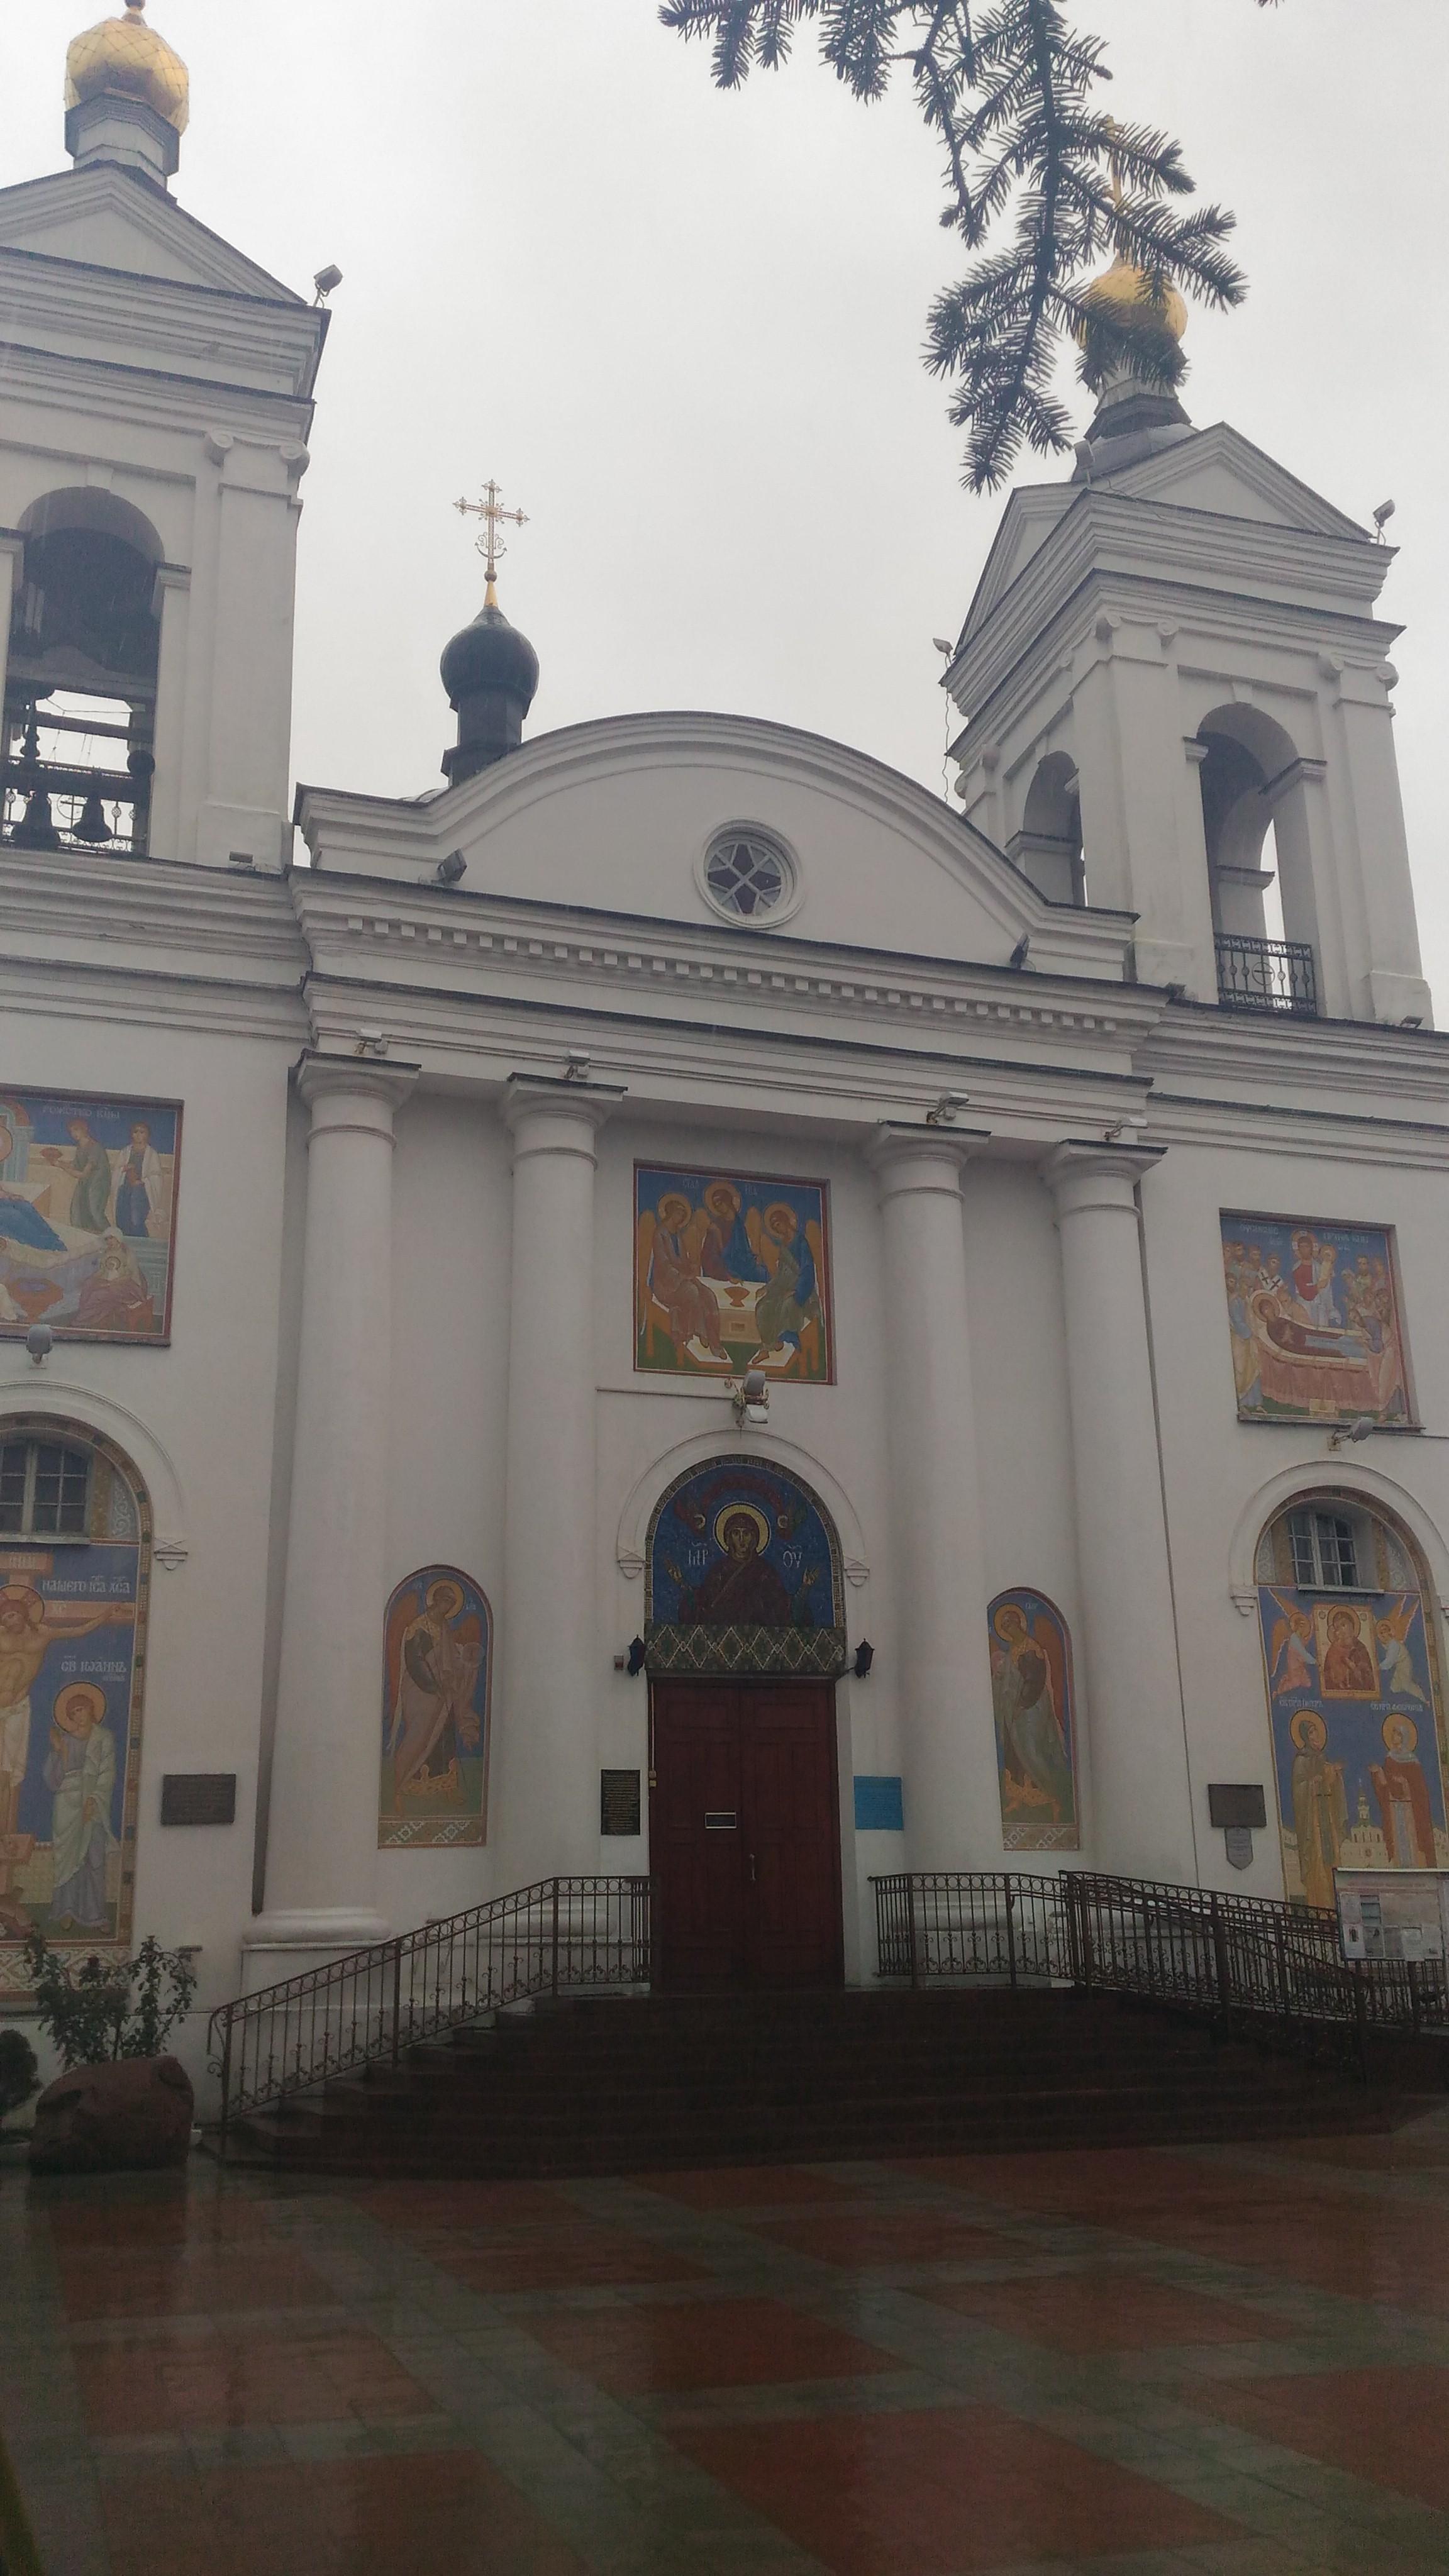 P 20191109 120540 2 - Свято-Покровский кафедральный собор в Витебске